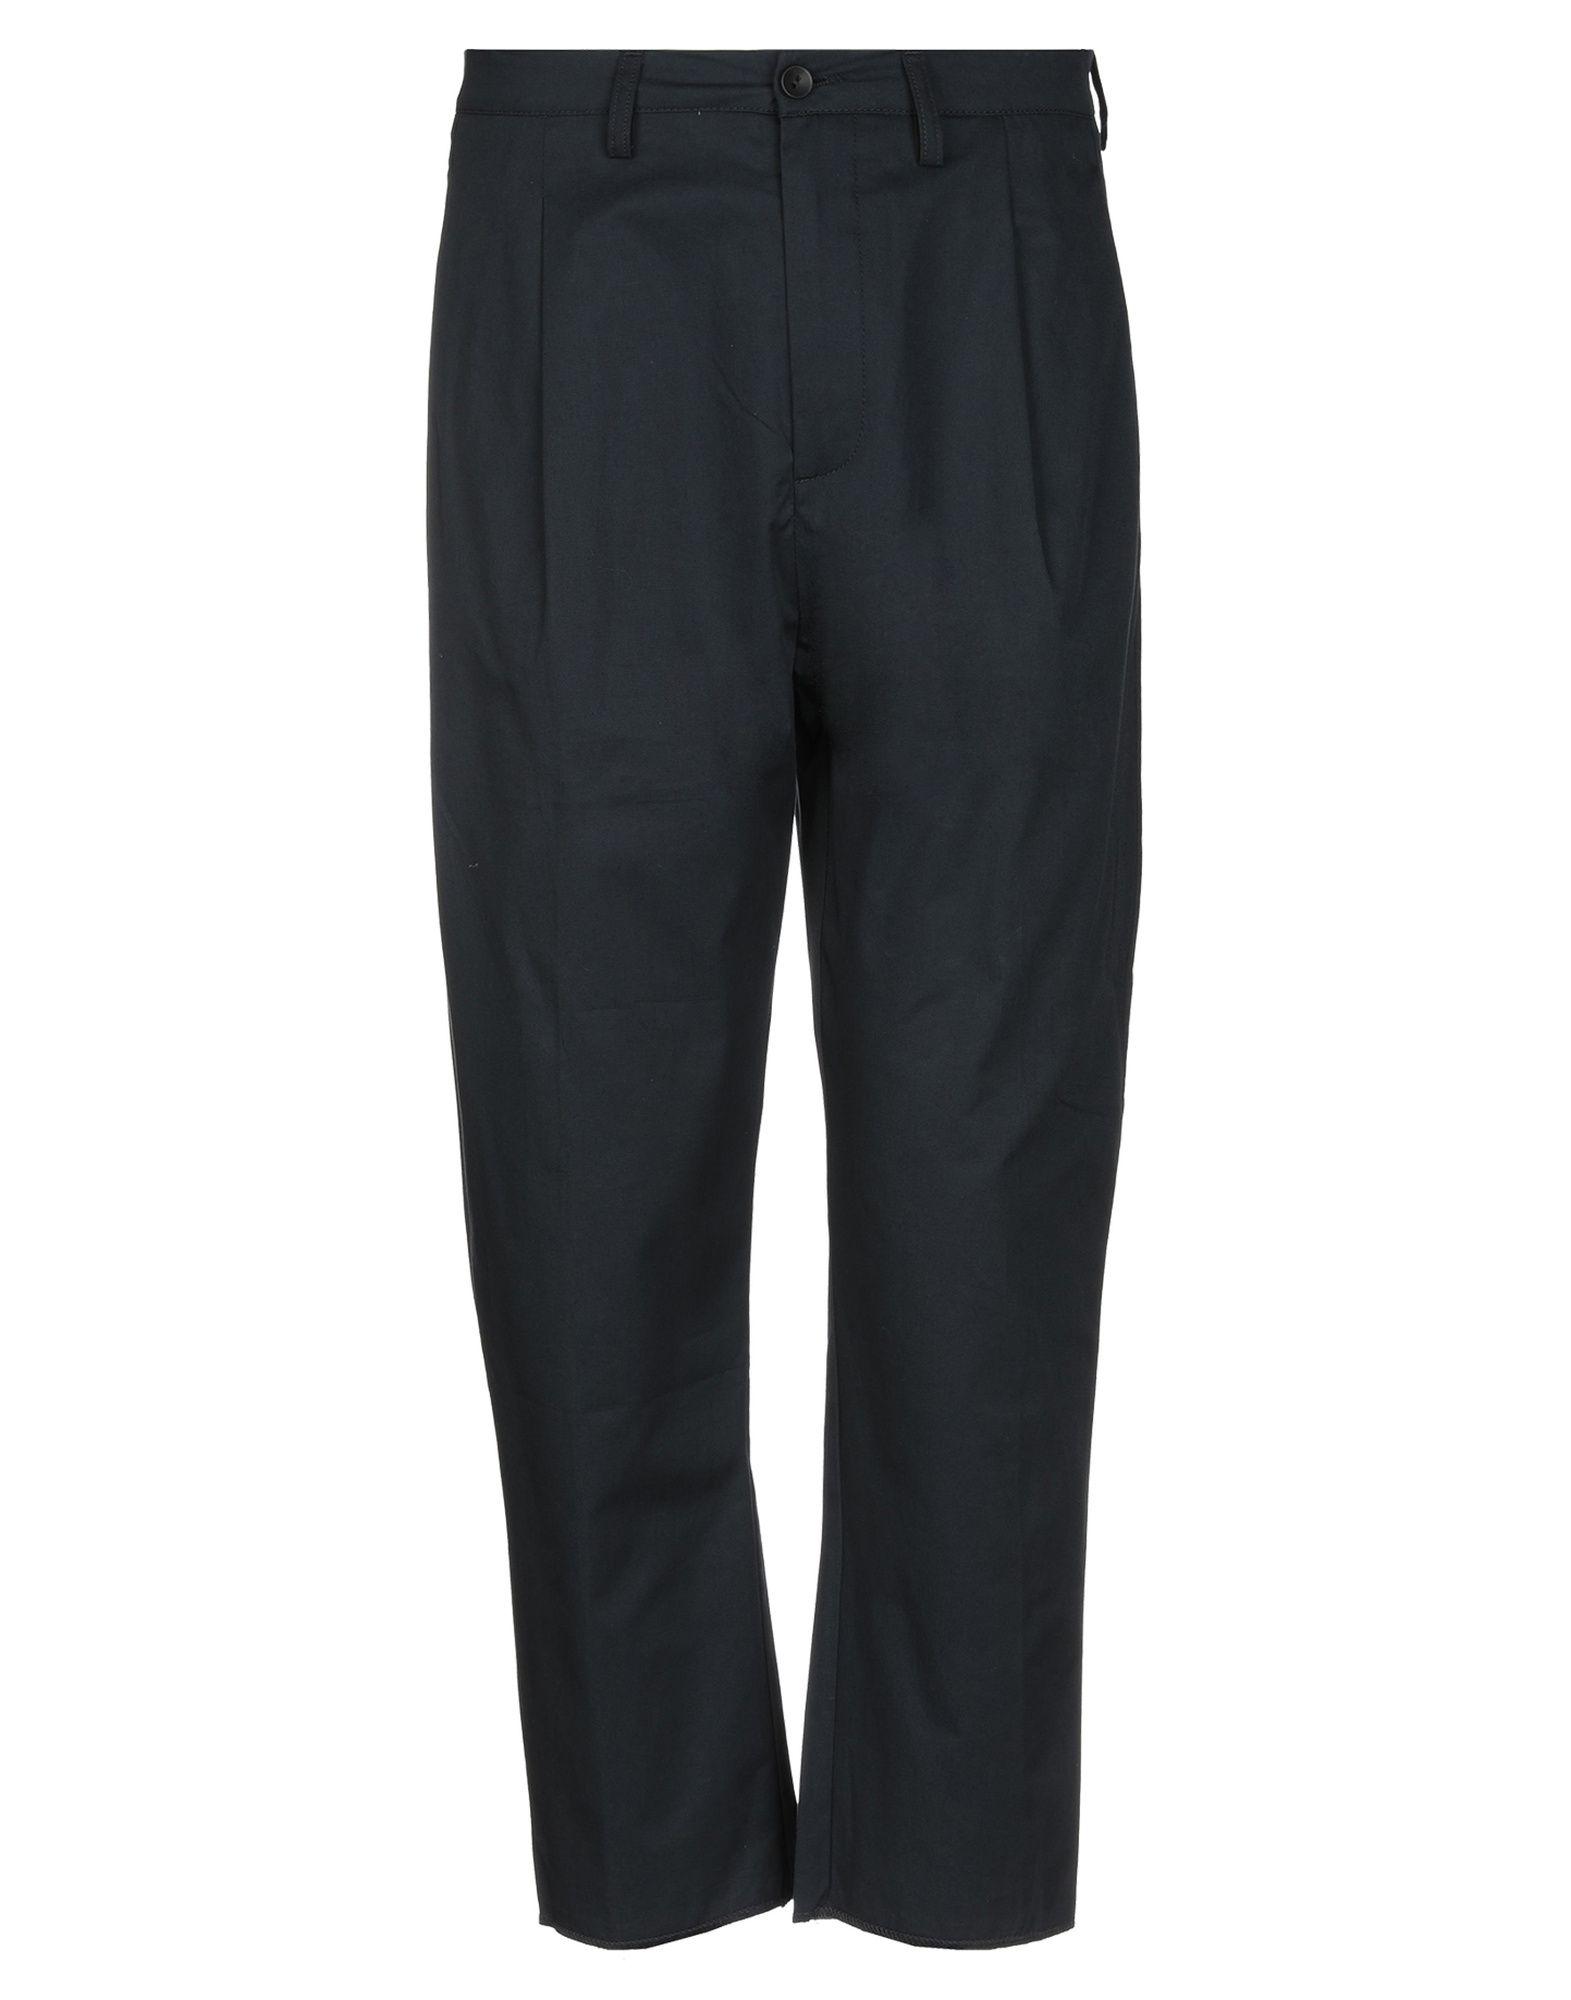 CHOICE NICOLA PELINGA Повседневные брюки choice nicola pelinga джинсовые брюки